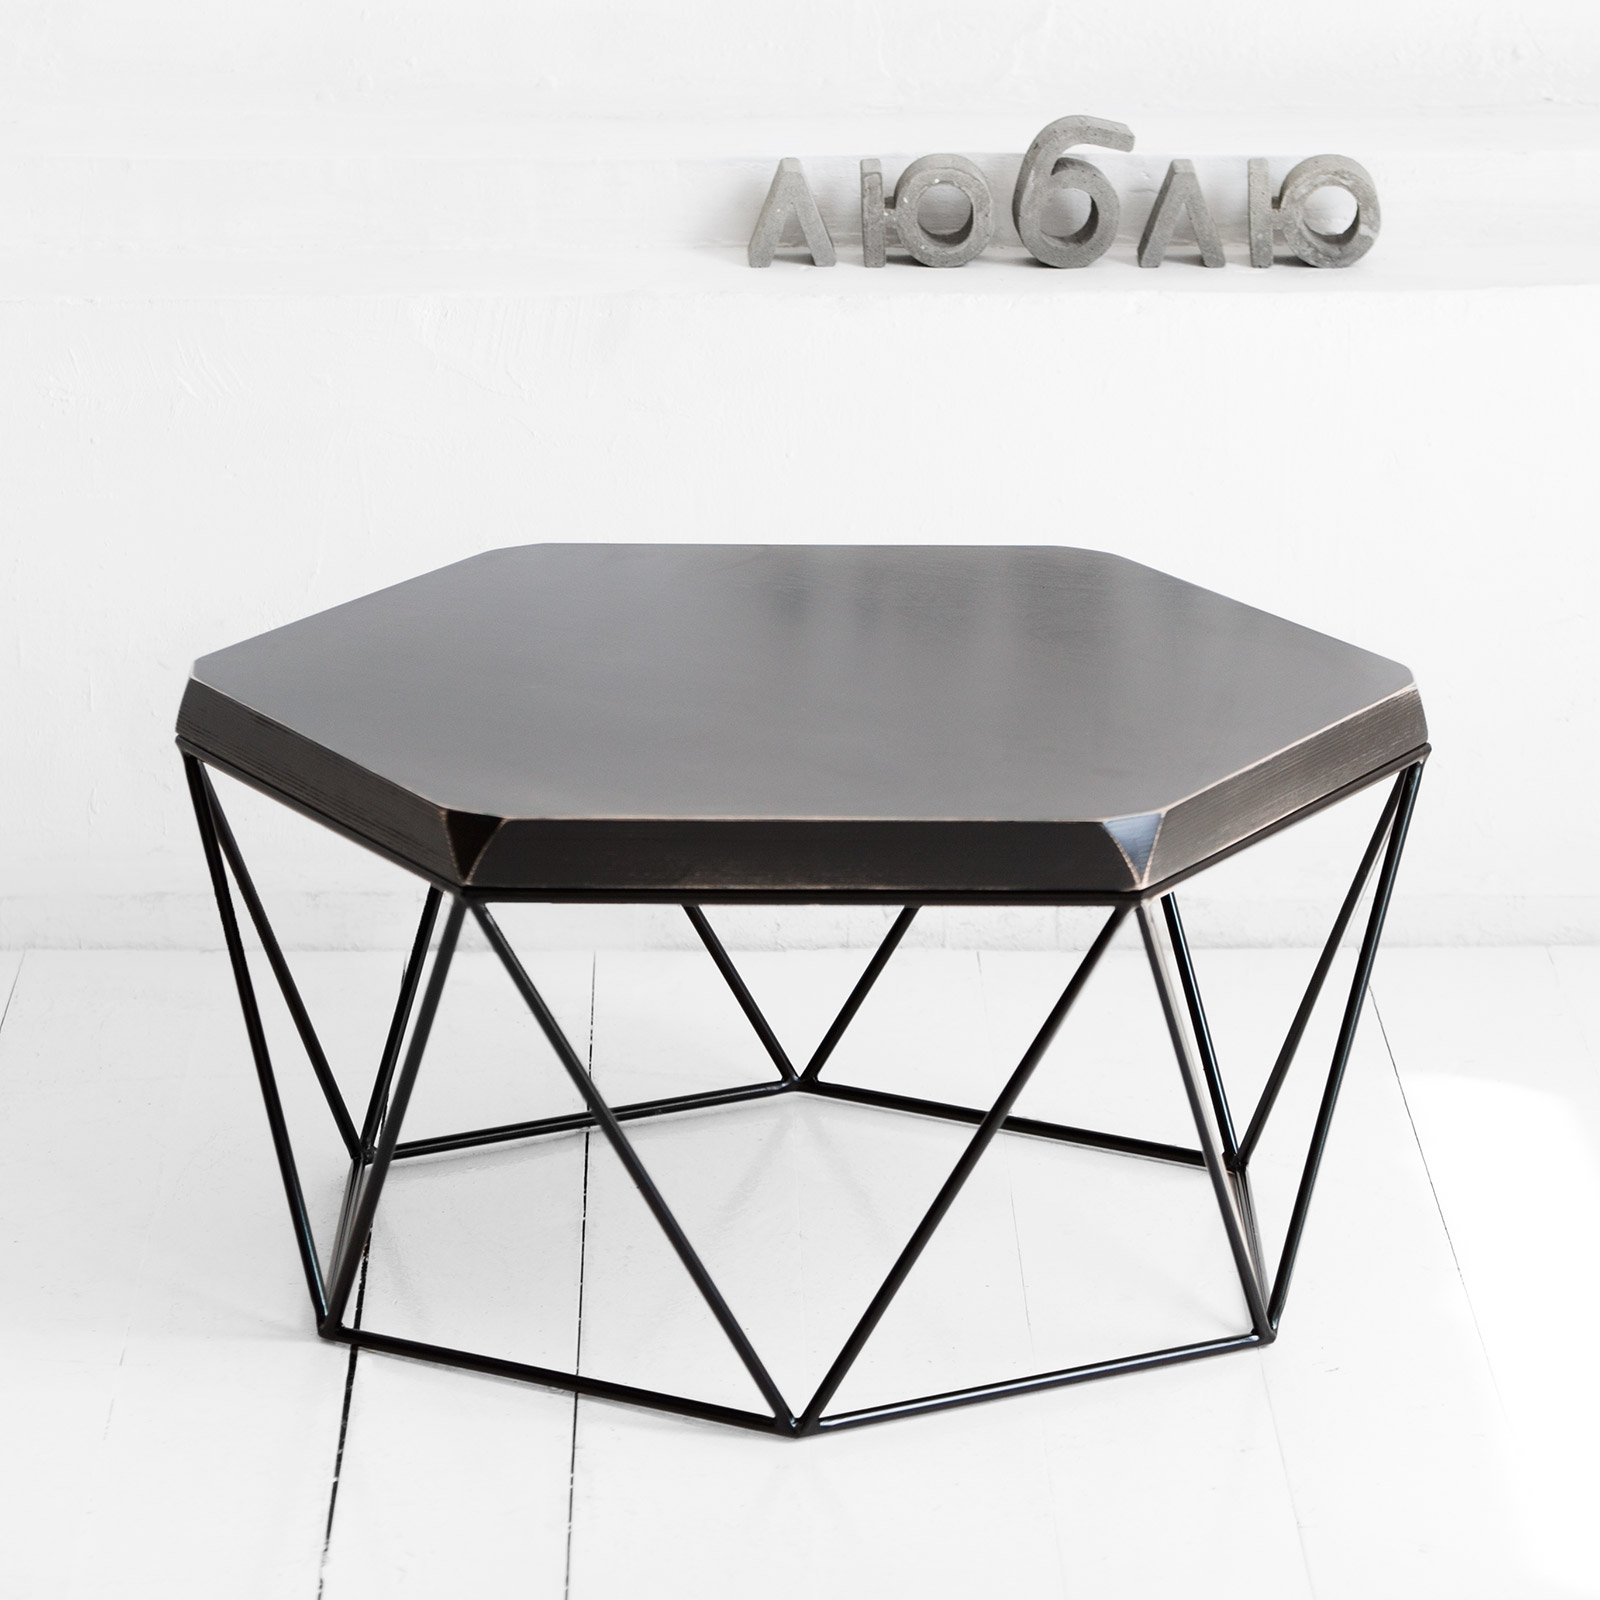 Журнальный стол гексагон (archpole) черный 76x37x66 см.